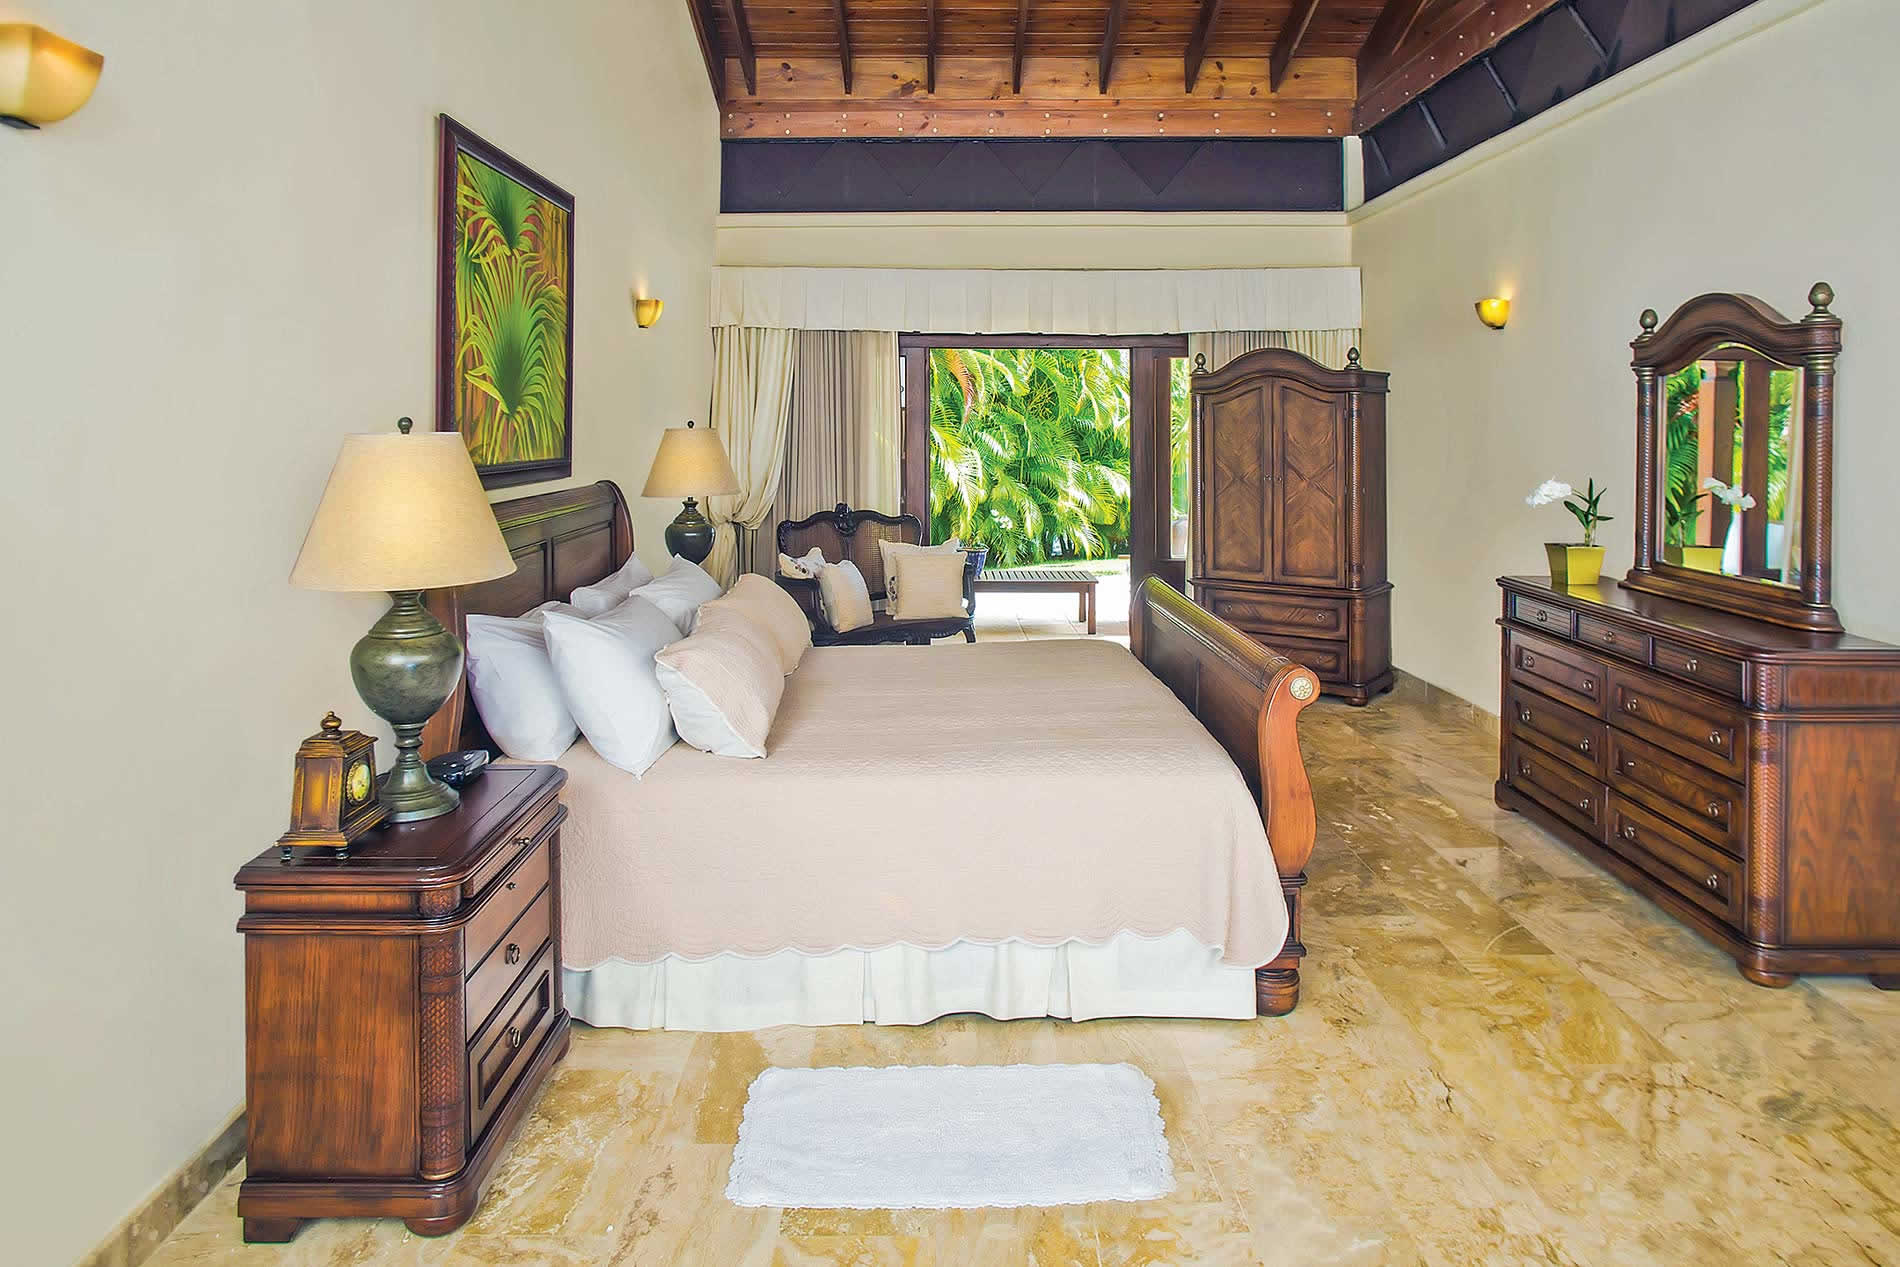 Villa Marmol in Casa de Campo Resort - sleeps 10 people